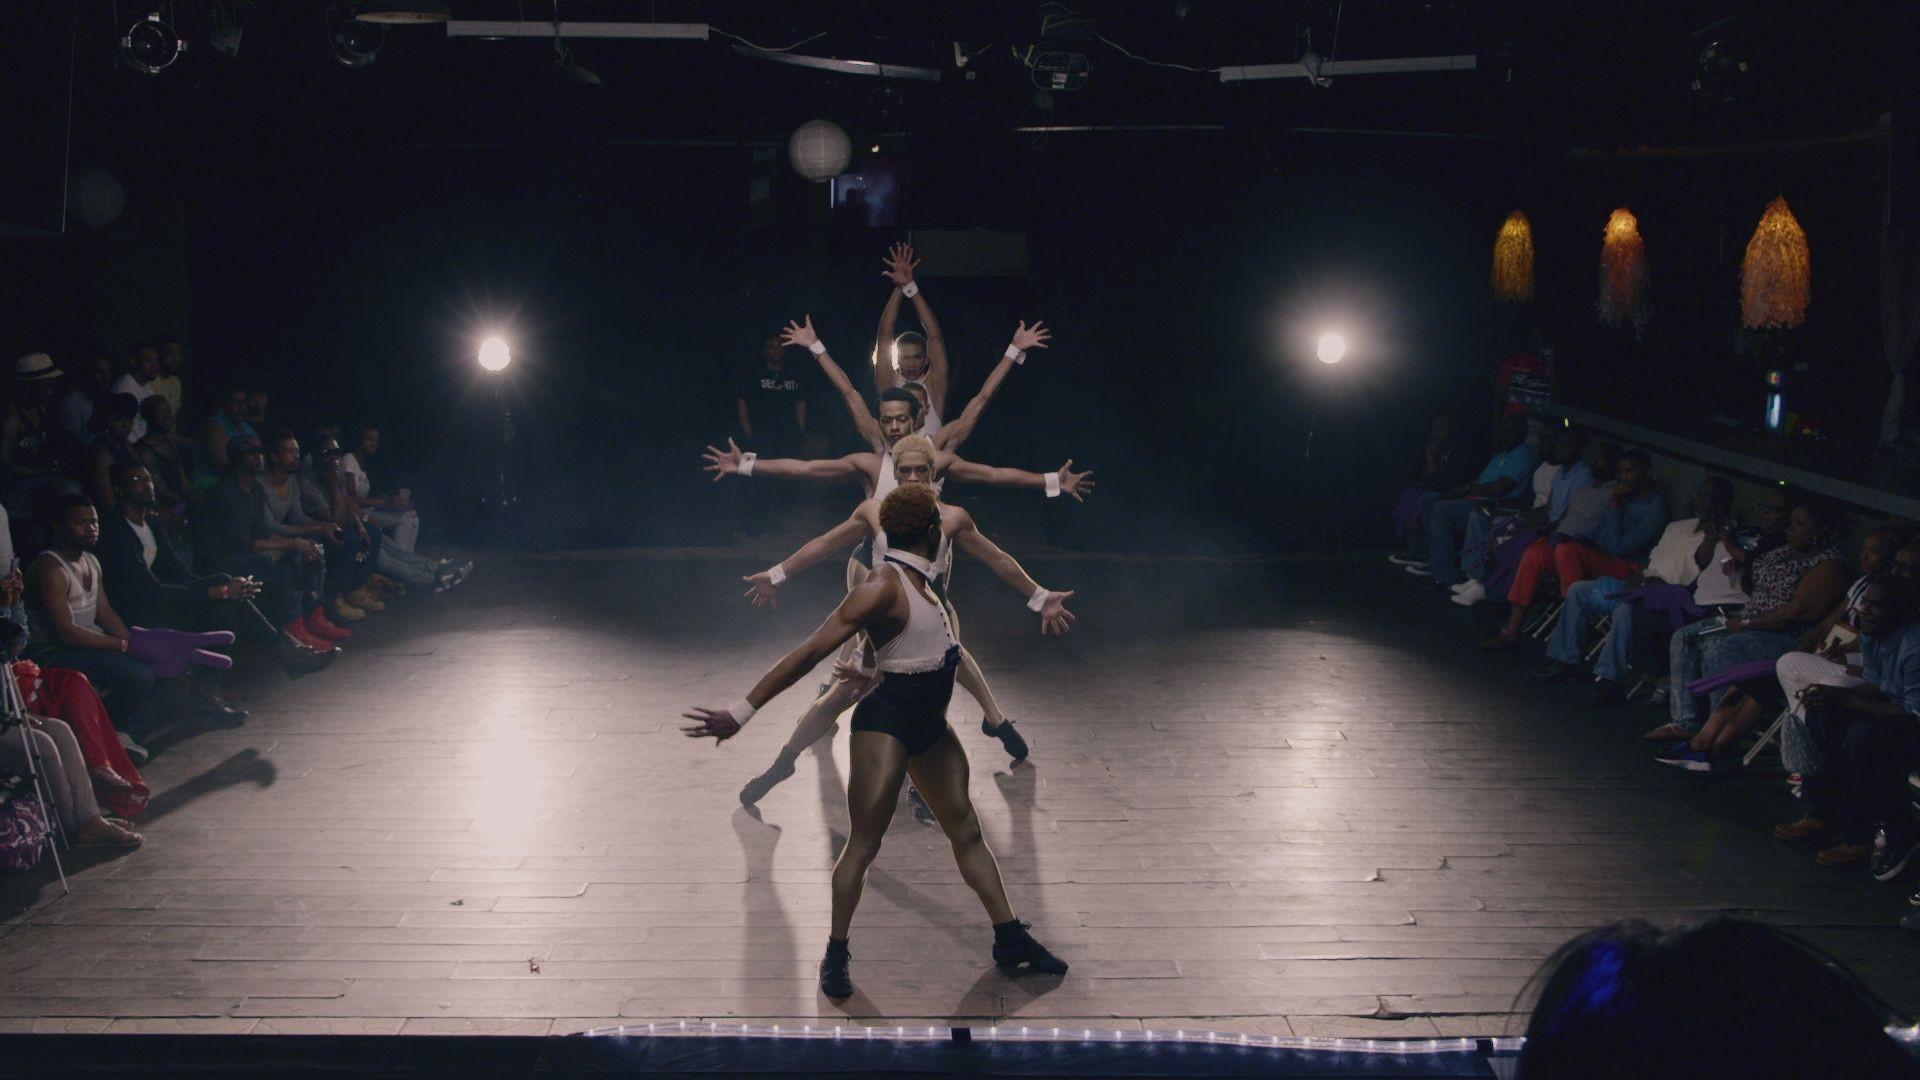 Mi a tánc? 2 - Dokumentumfilm sorozat: Ritmusváltás